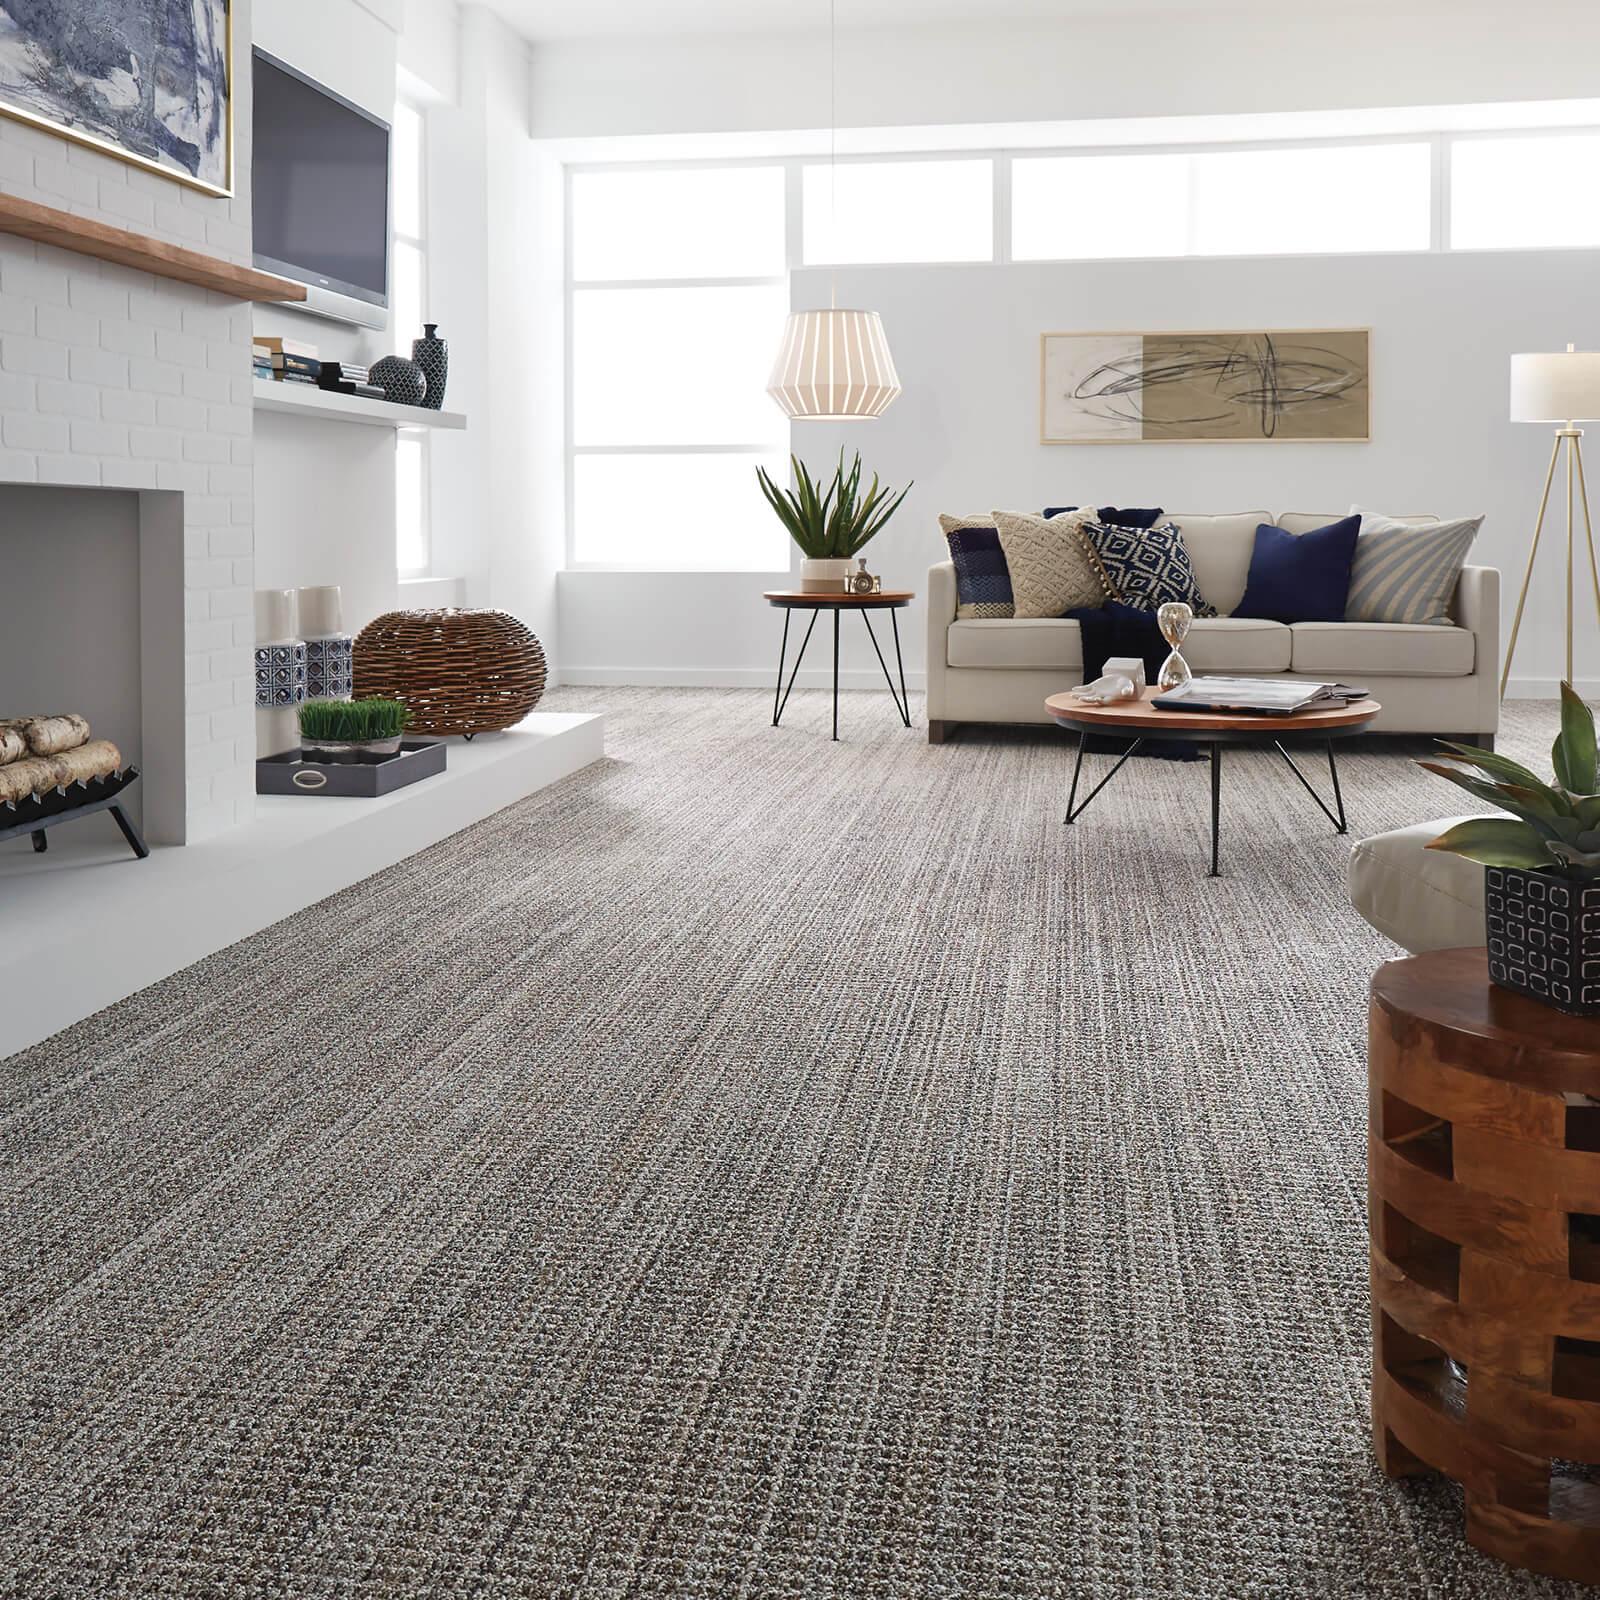 Carpet flooring in living room | Flowers Flooring